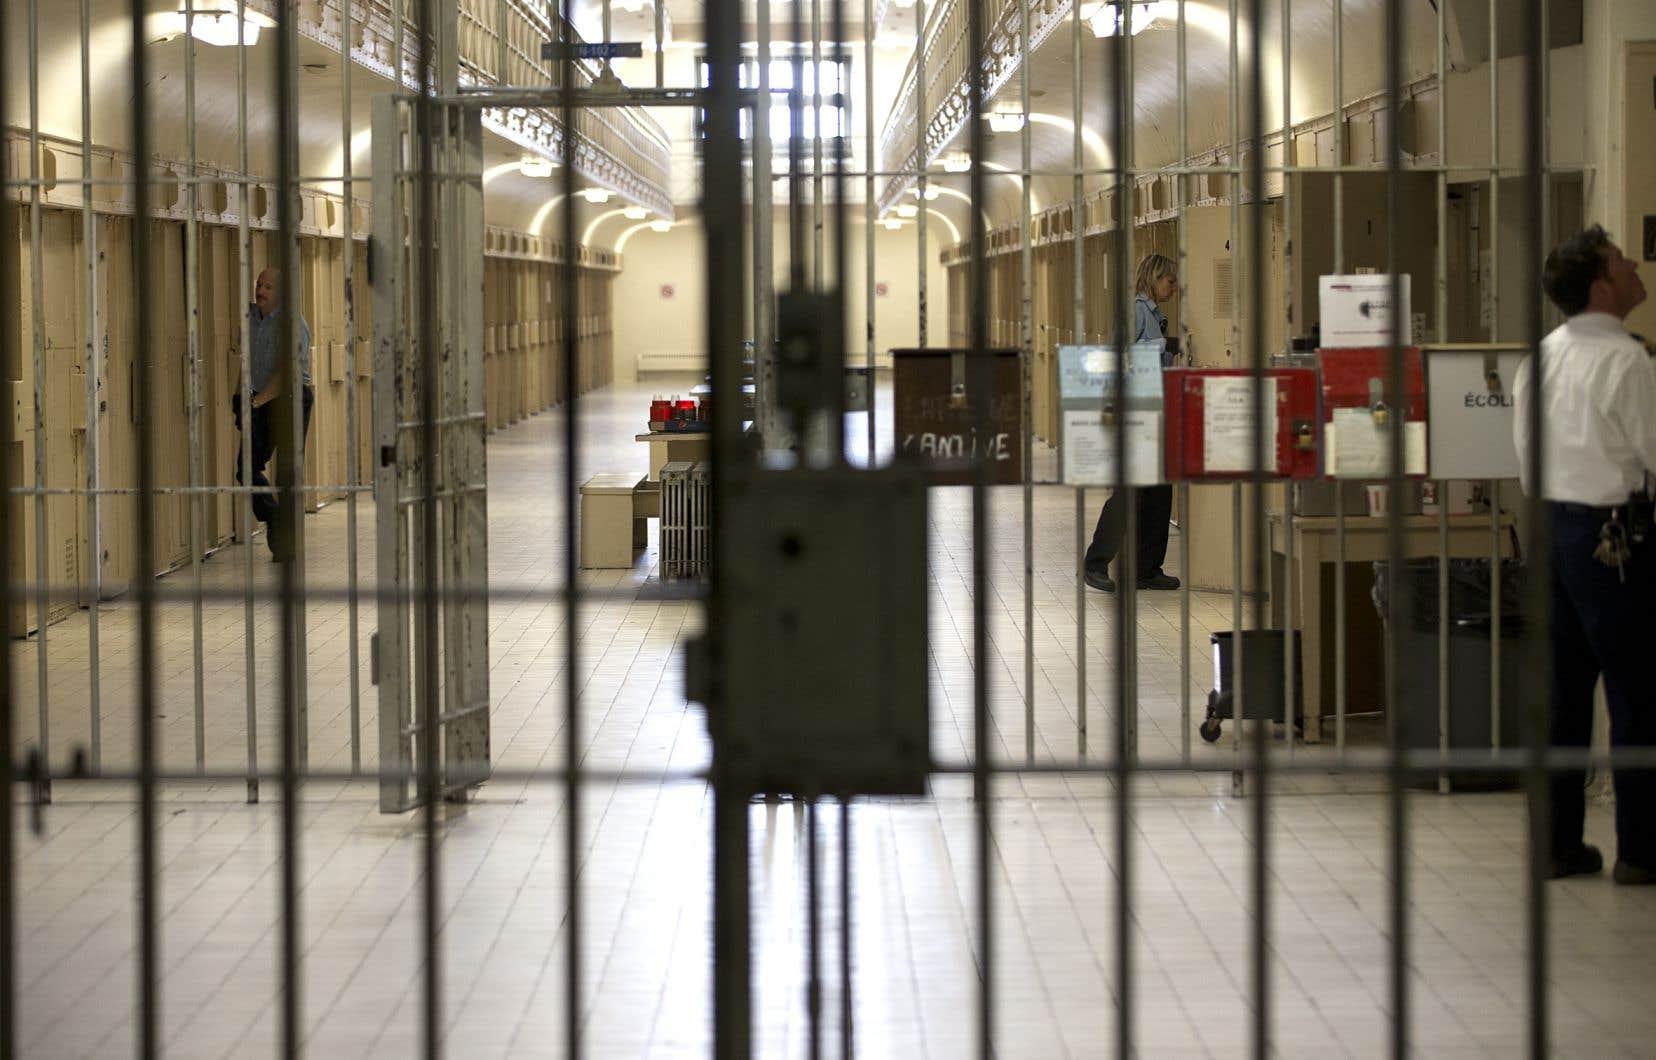 Le système carcéral québécois est-il érigé sur des bases vertueuses ou est-il simplement un système punitif barbare?